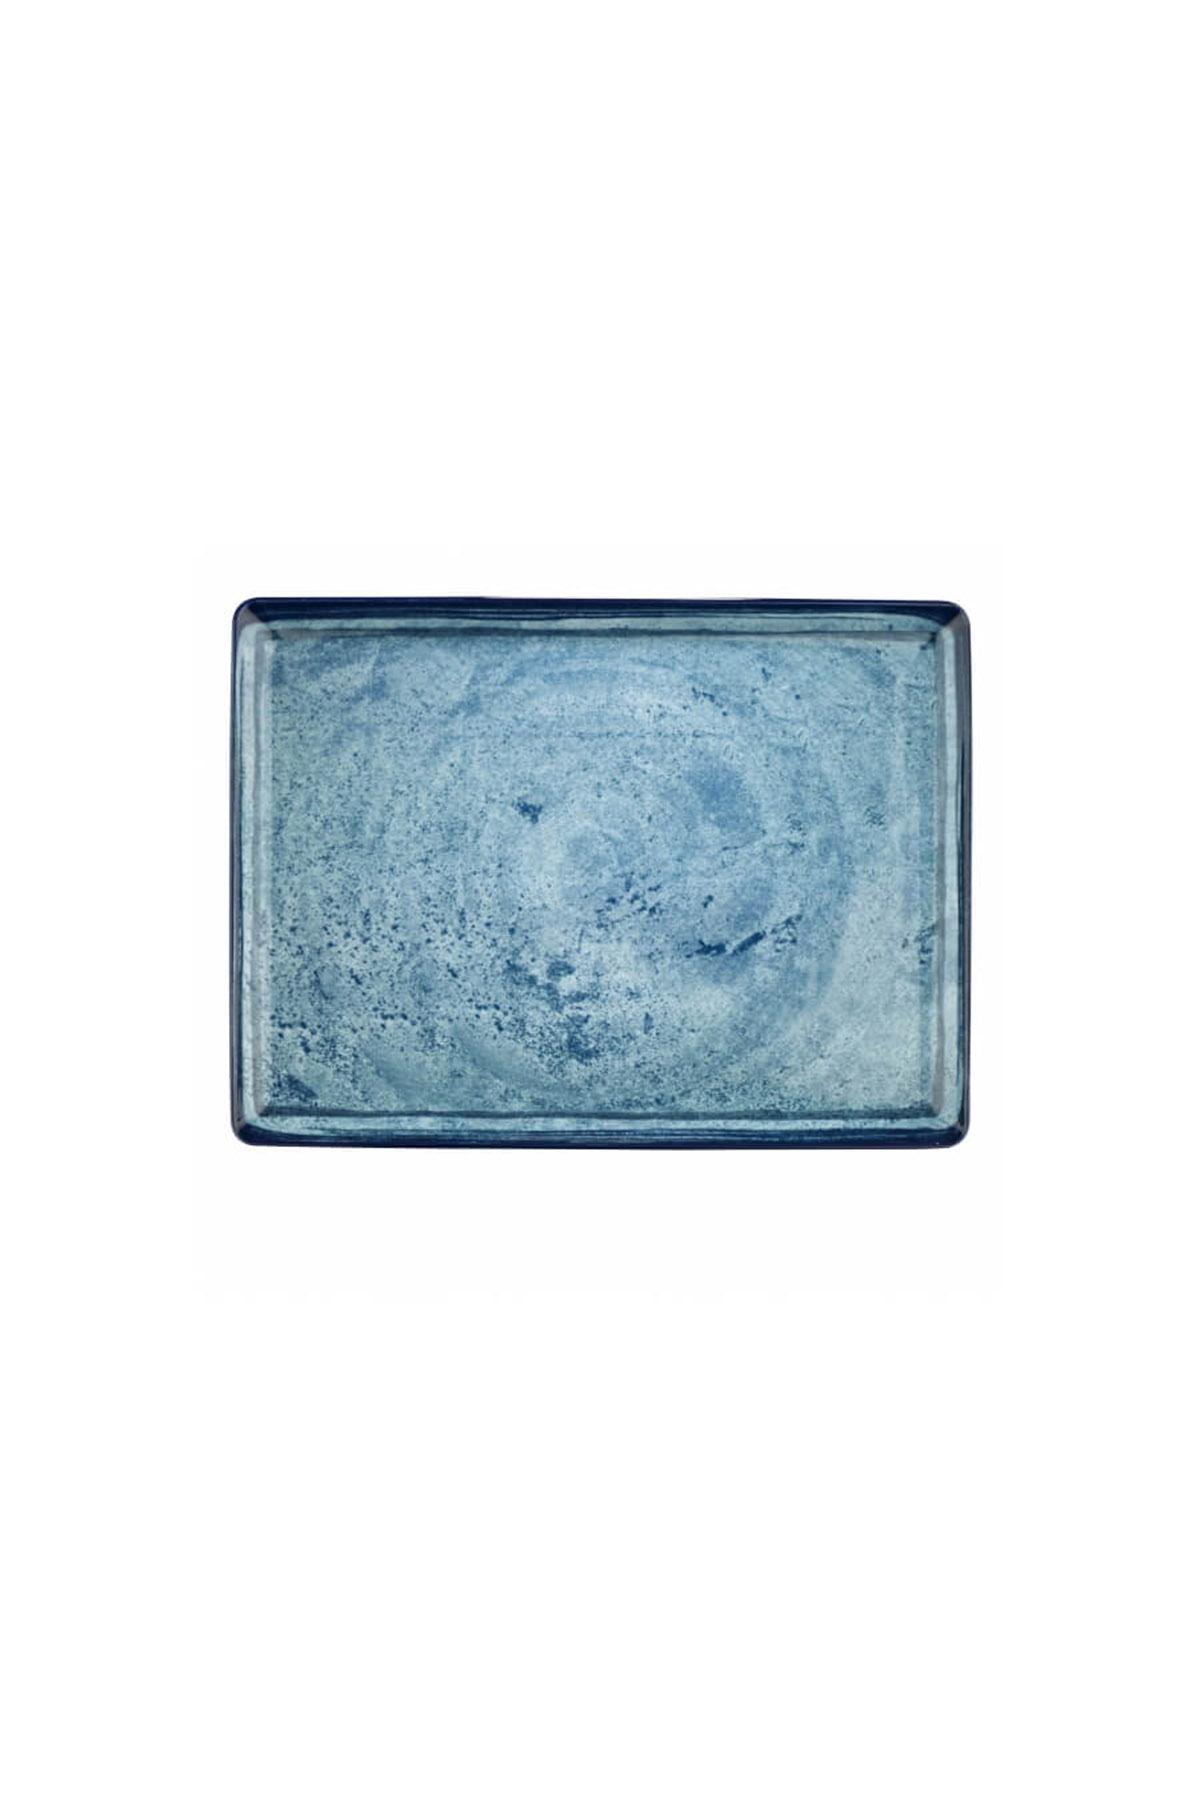 Kütahya Porselen Nano Krem 23x17 cm Düz Tabak 890003